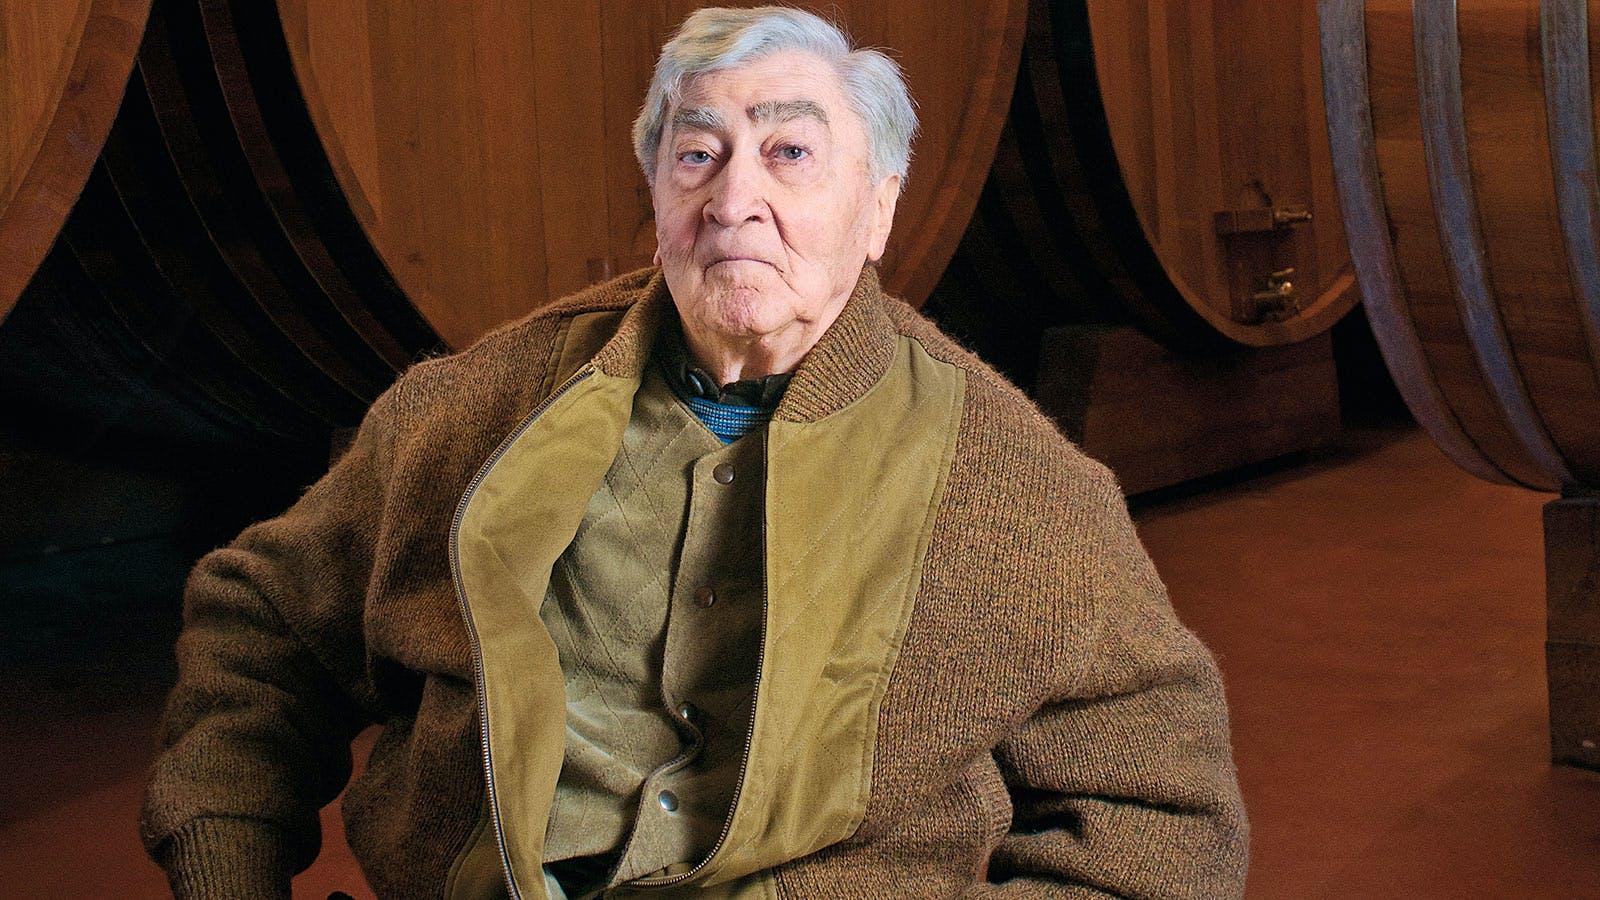 Legendary Barbaresco Winemaker Bruno Giacosa Dies at 88